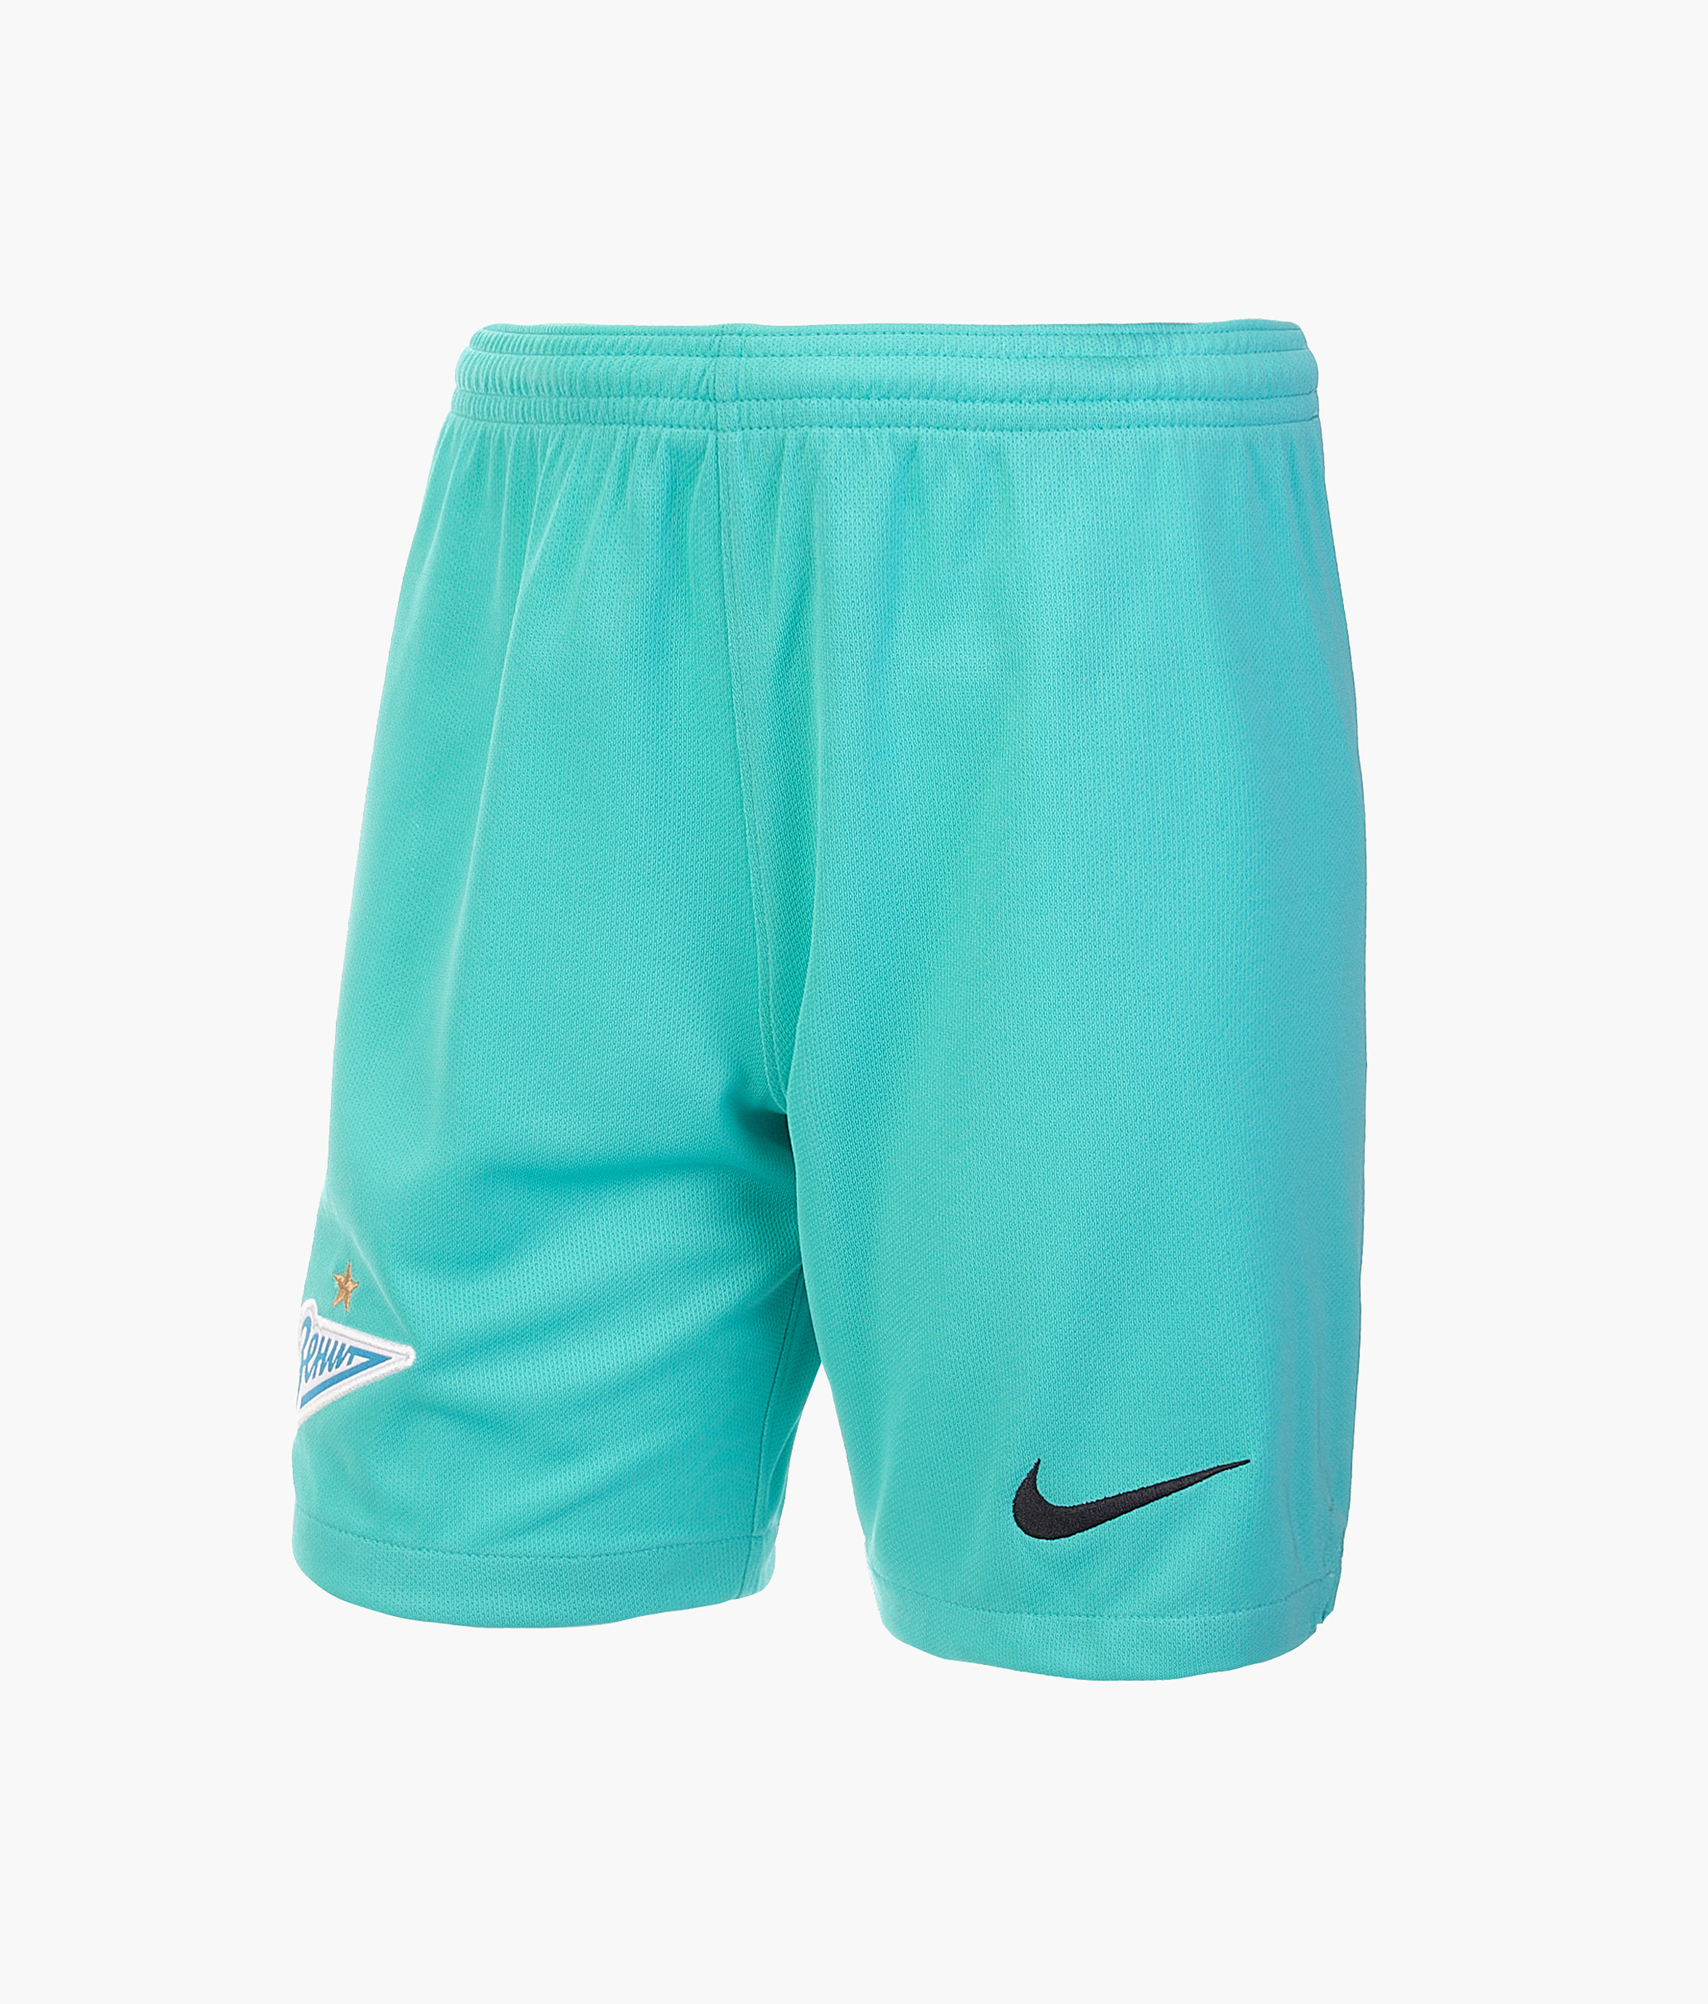 цена на Шорты вратарские подростковые сезона 2019/2020 Nike Цвет-Зеленый